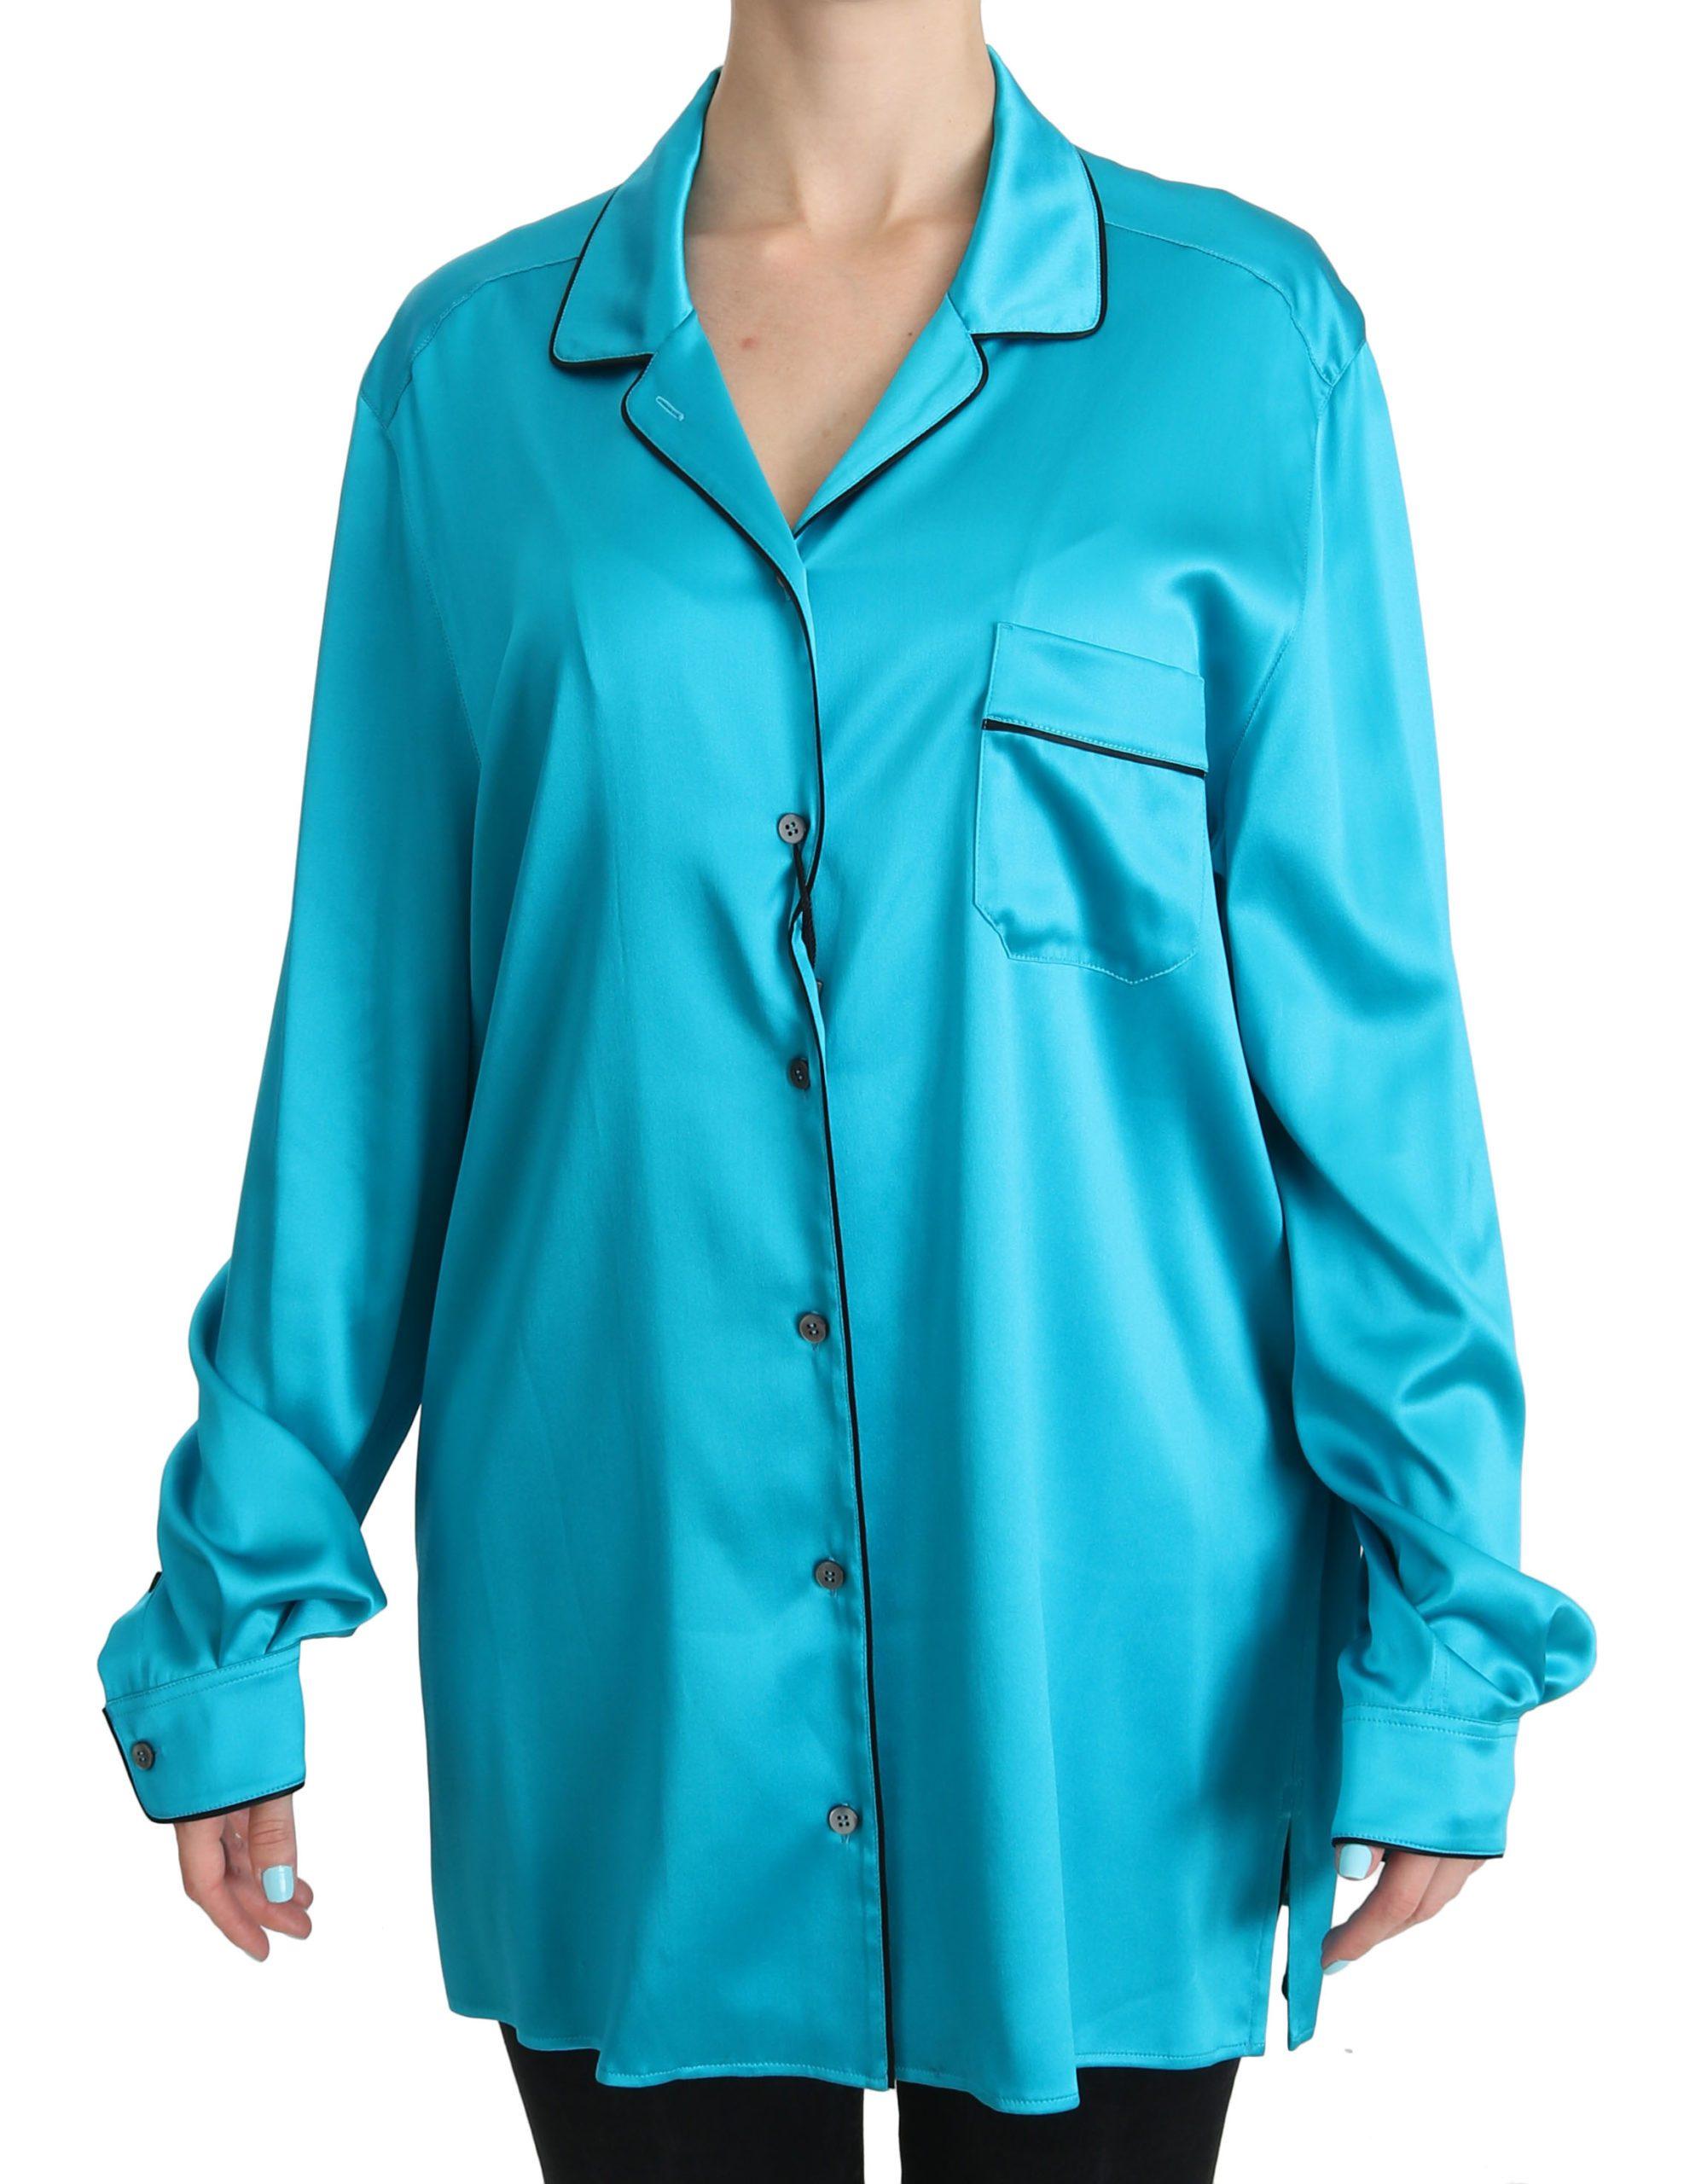 Dolce & Gabbana Women's Stretch Pyjama Shirt Blue TSH3872 - IT48 XXL